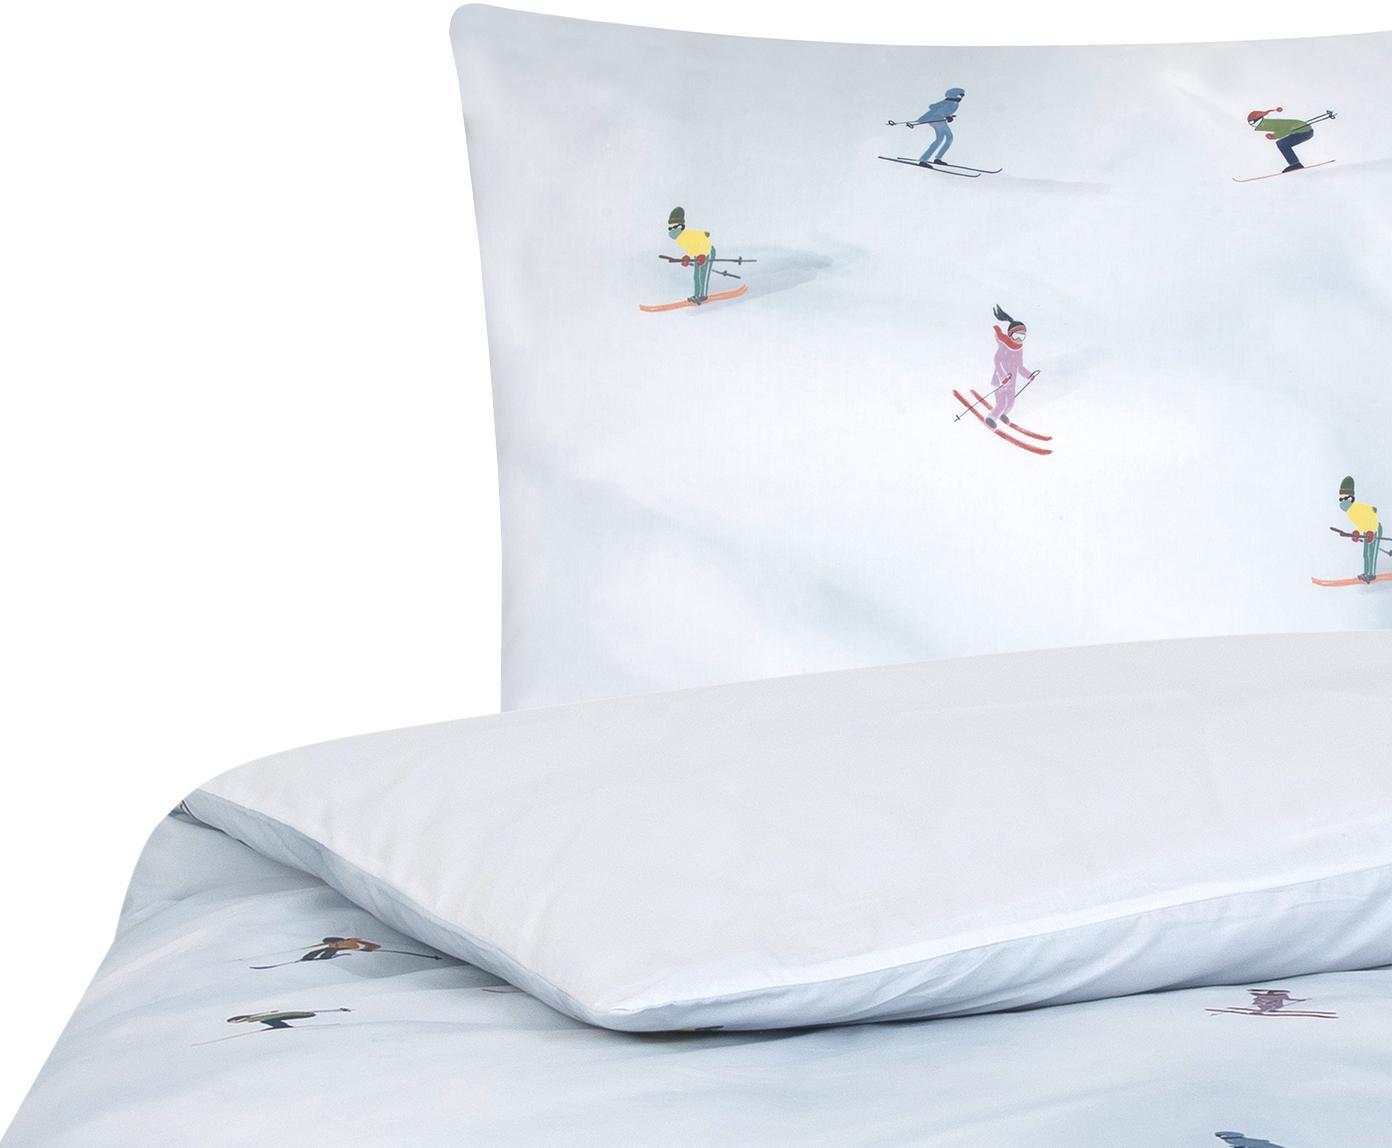 Pościel z perkalu Ski, Biały, wielobarwny, 155 x 220 cm